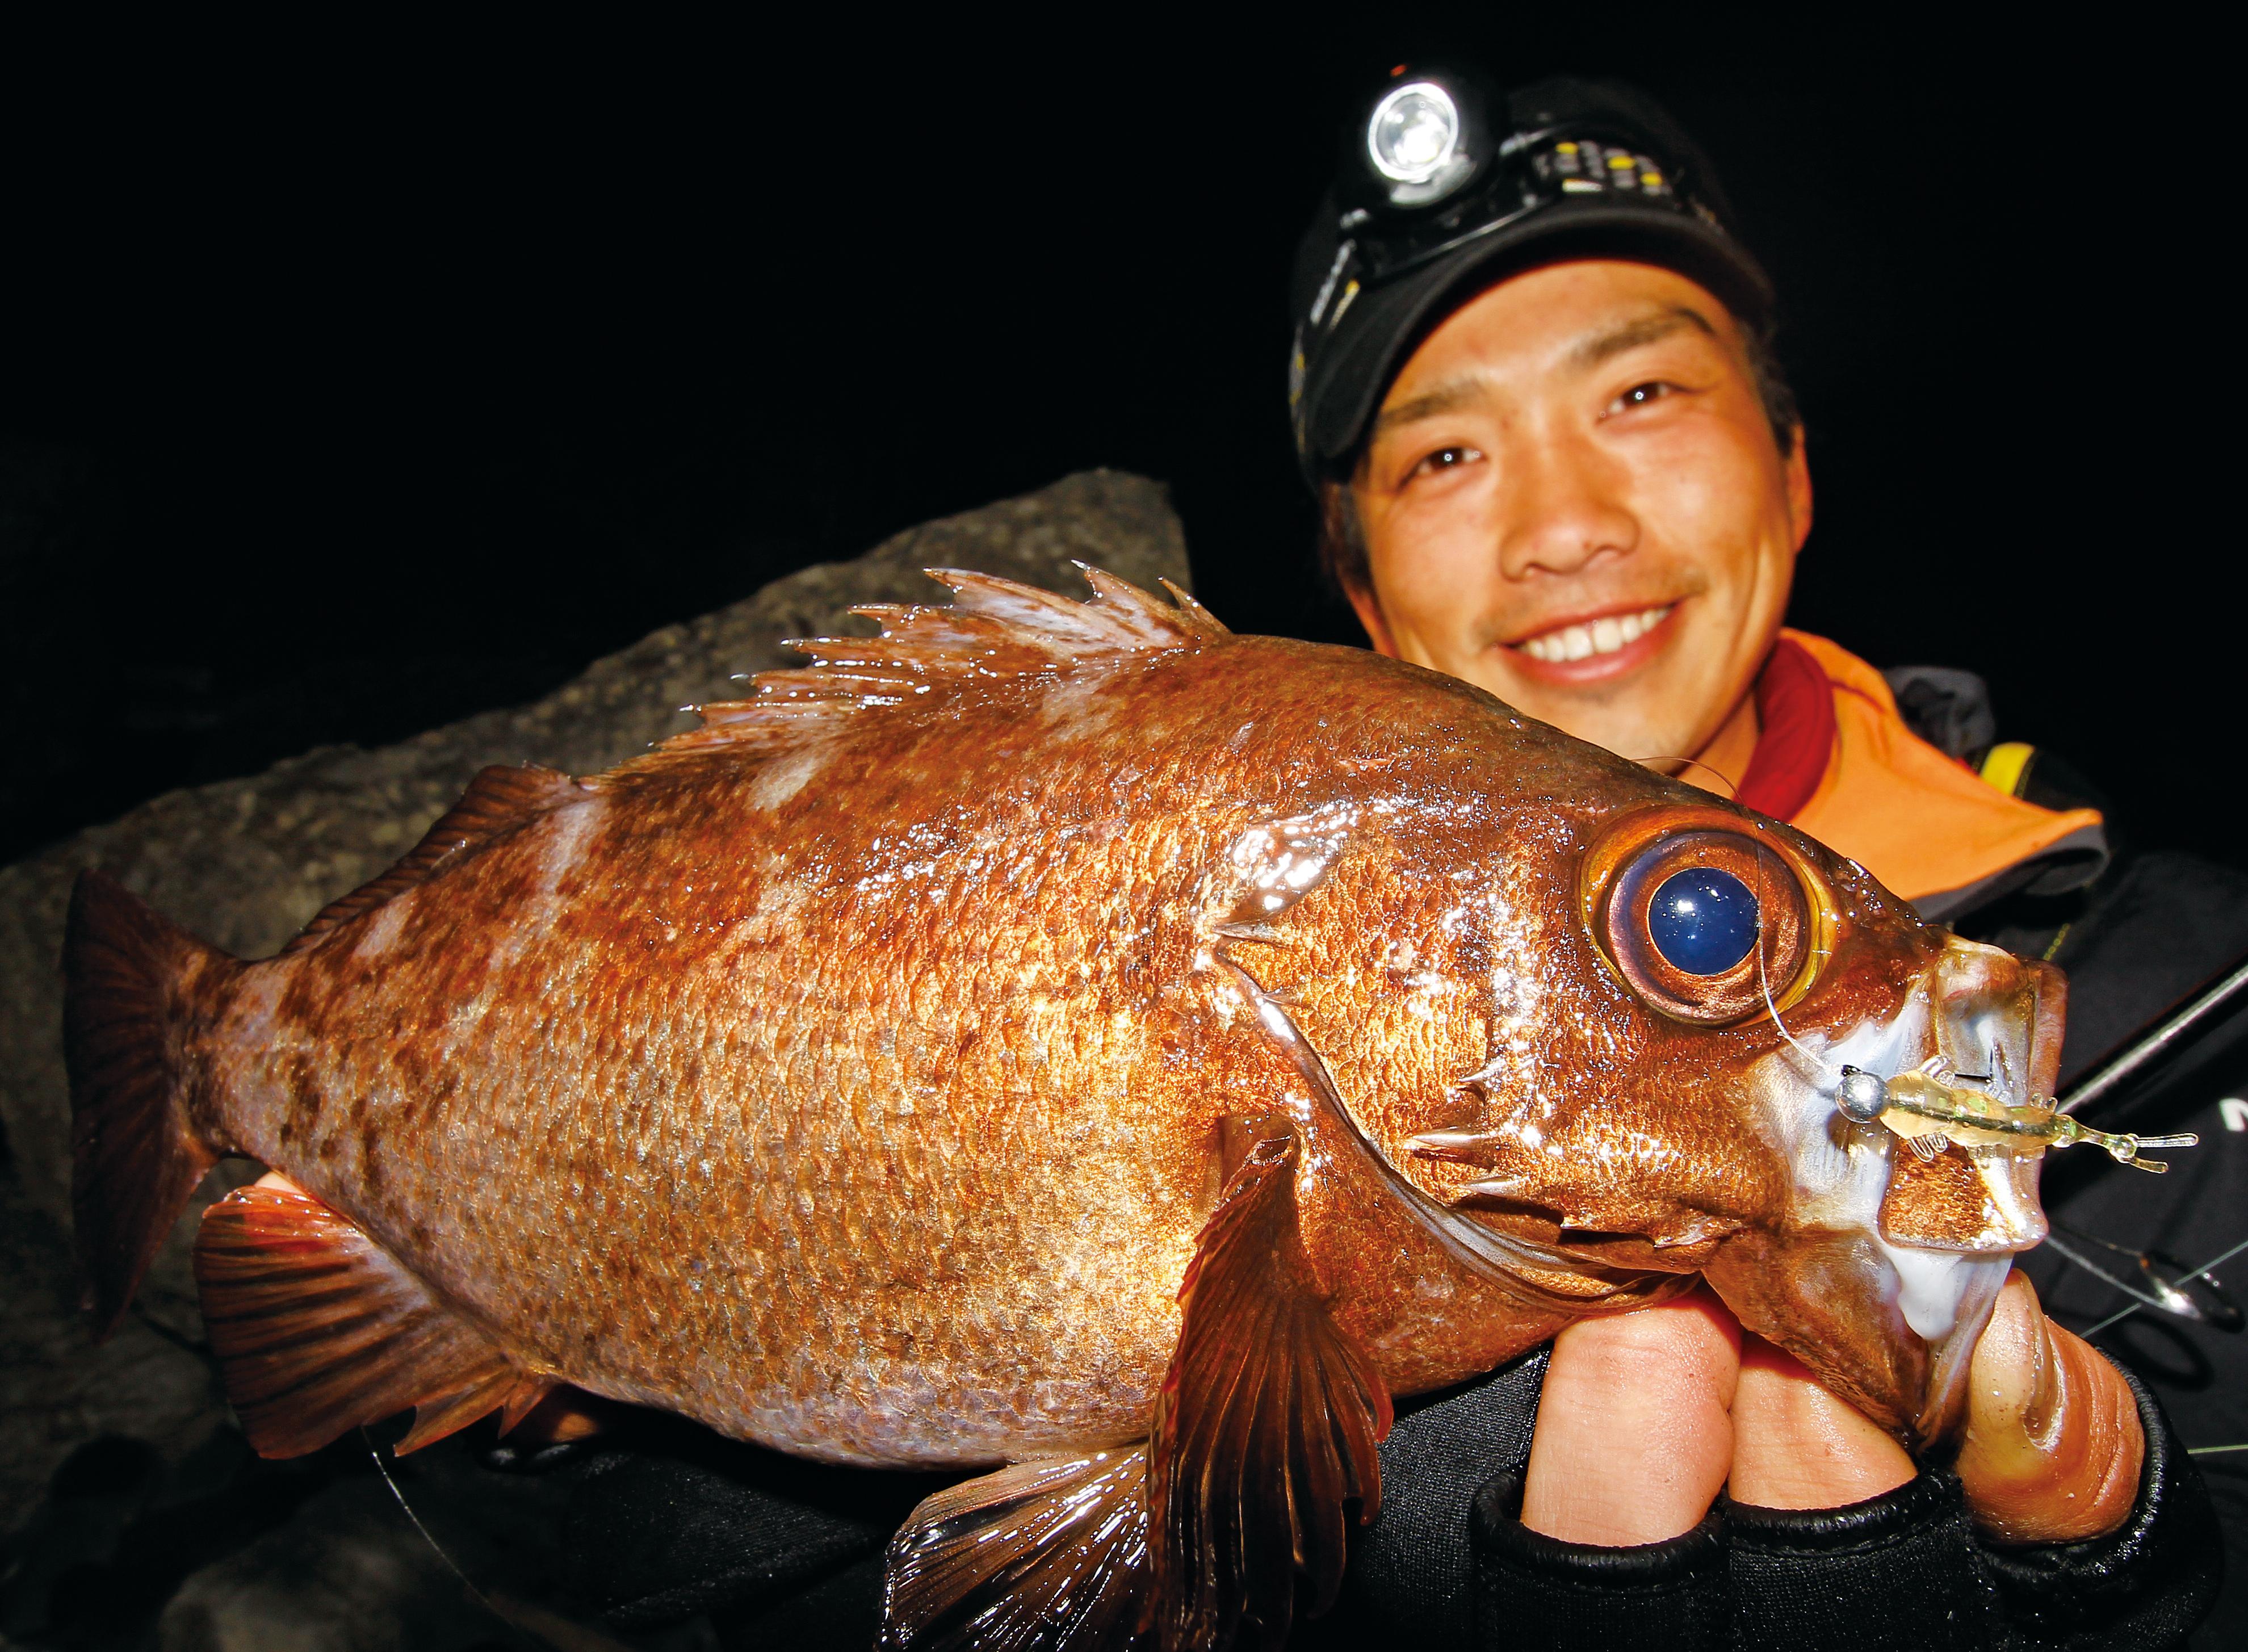 http://lurenews.tv/mebaring12_nakazaki.jpg